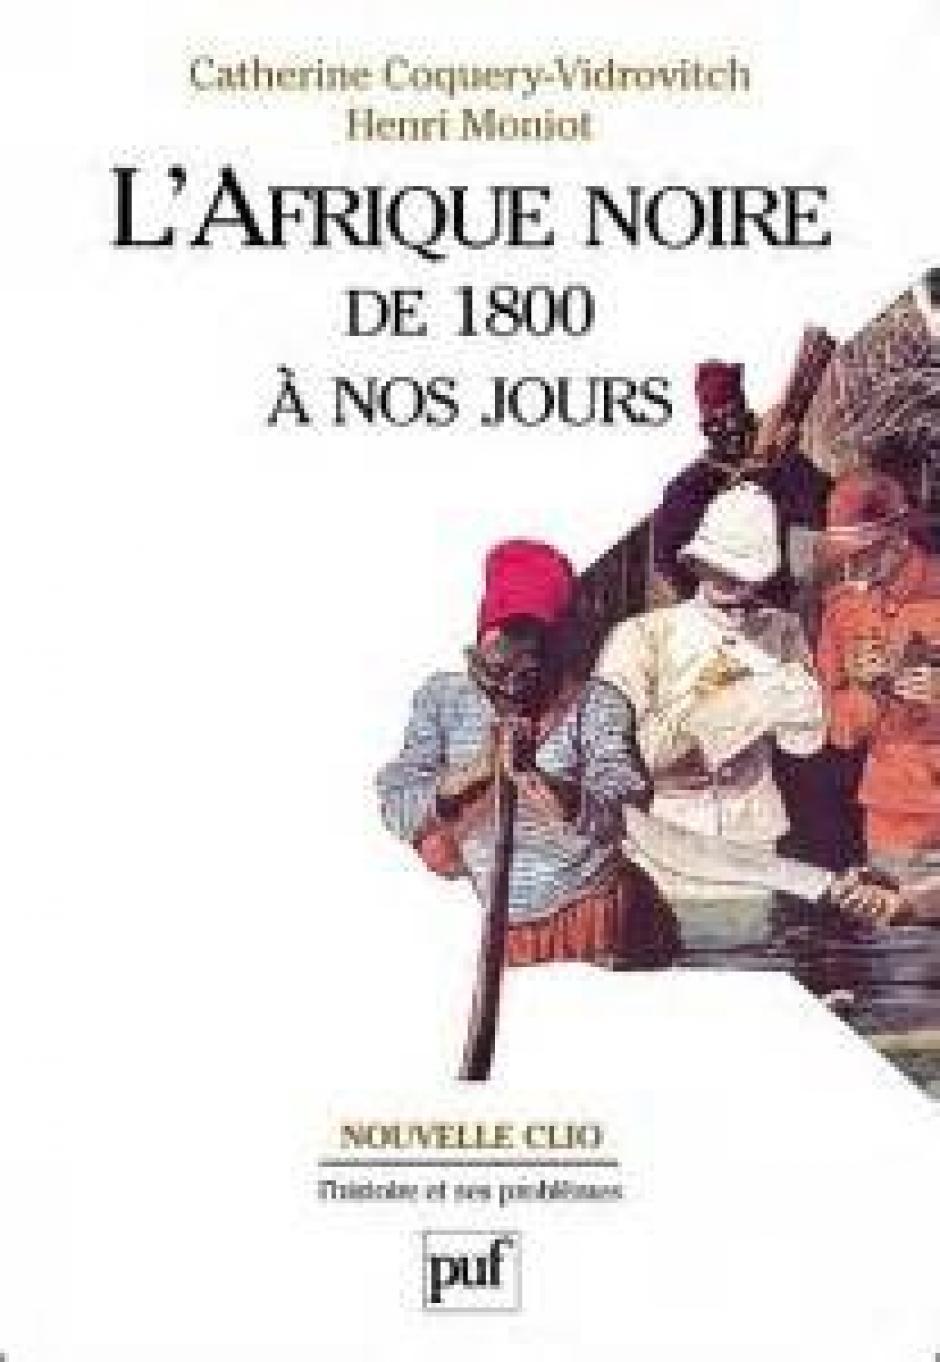 L'Afrique francophone dans la Première Guerre mondiale, Catherine Coquery-Vidrovitch*